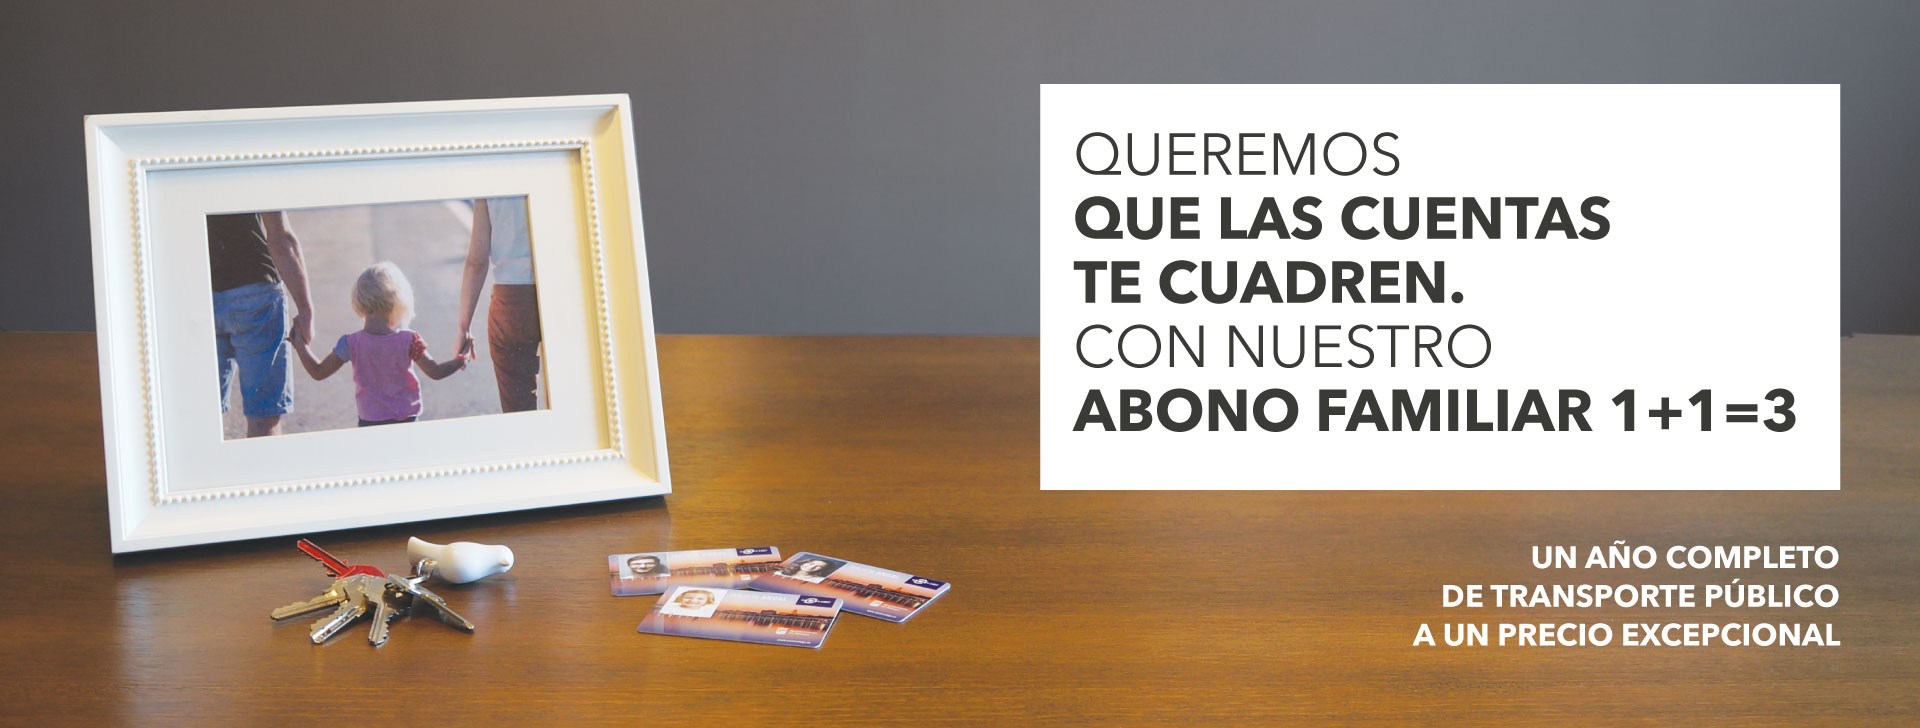 Banner web de la campaña de abono familiar para la EMT de SOYTUTIPO